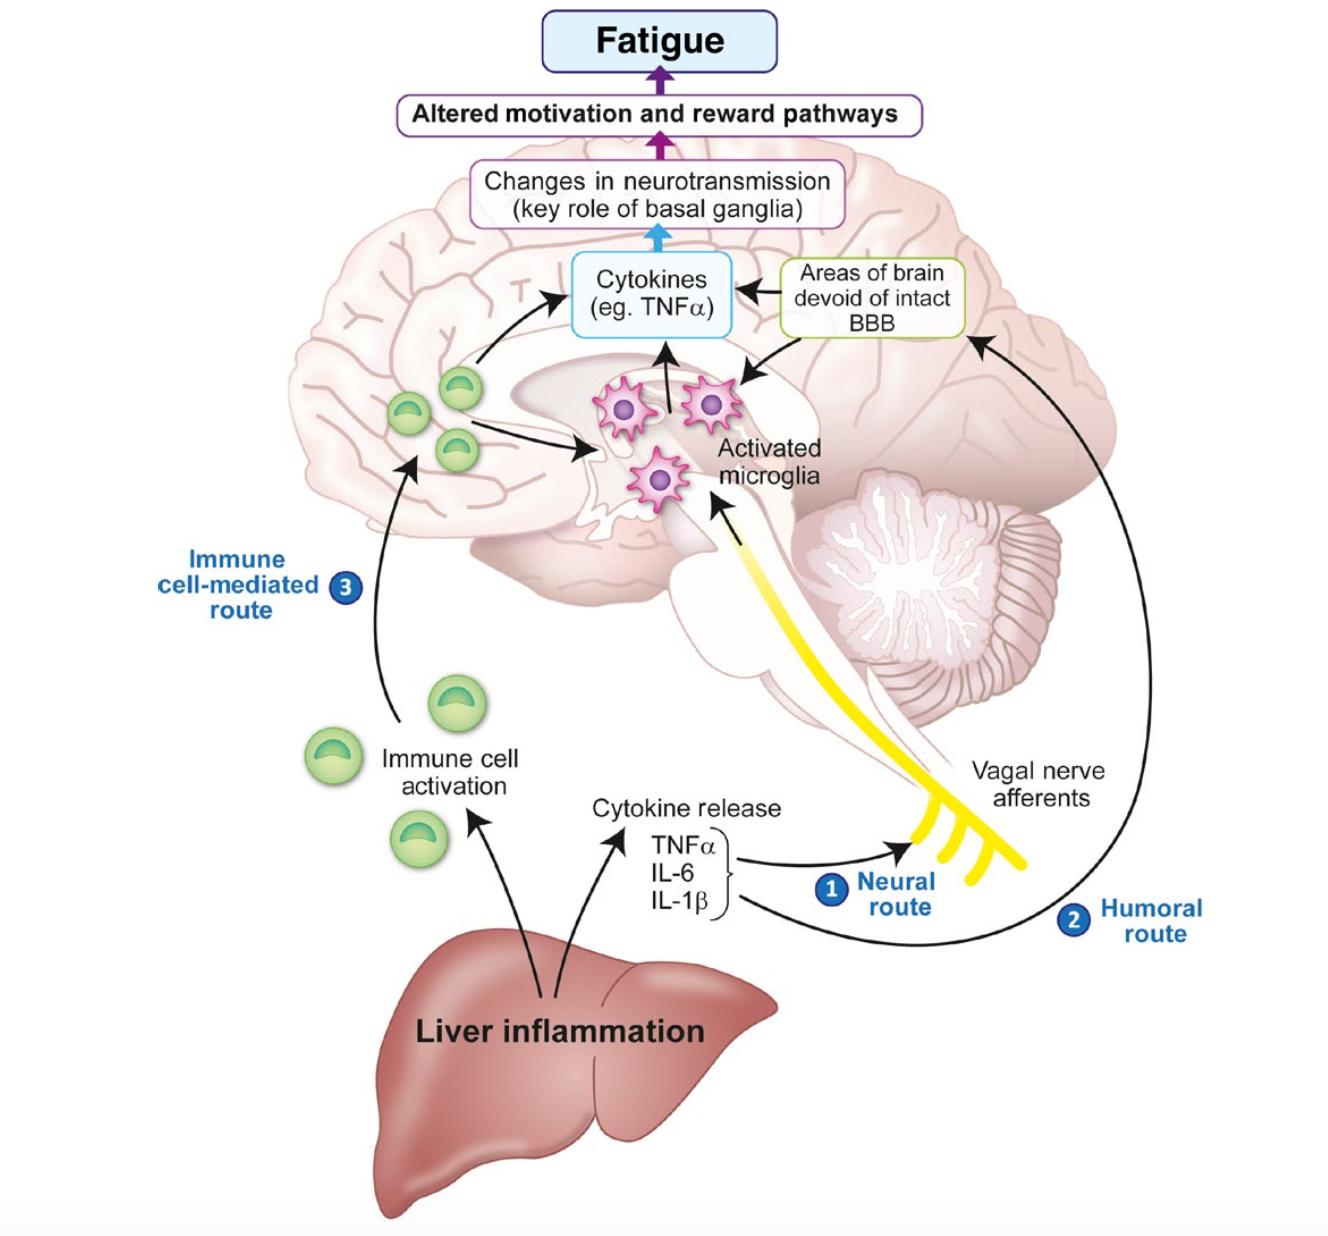 La fatiga como síntoma de enfermedad hepática crónica: nuevos conocimientos y enfoques terapéuticos